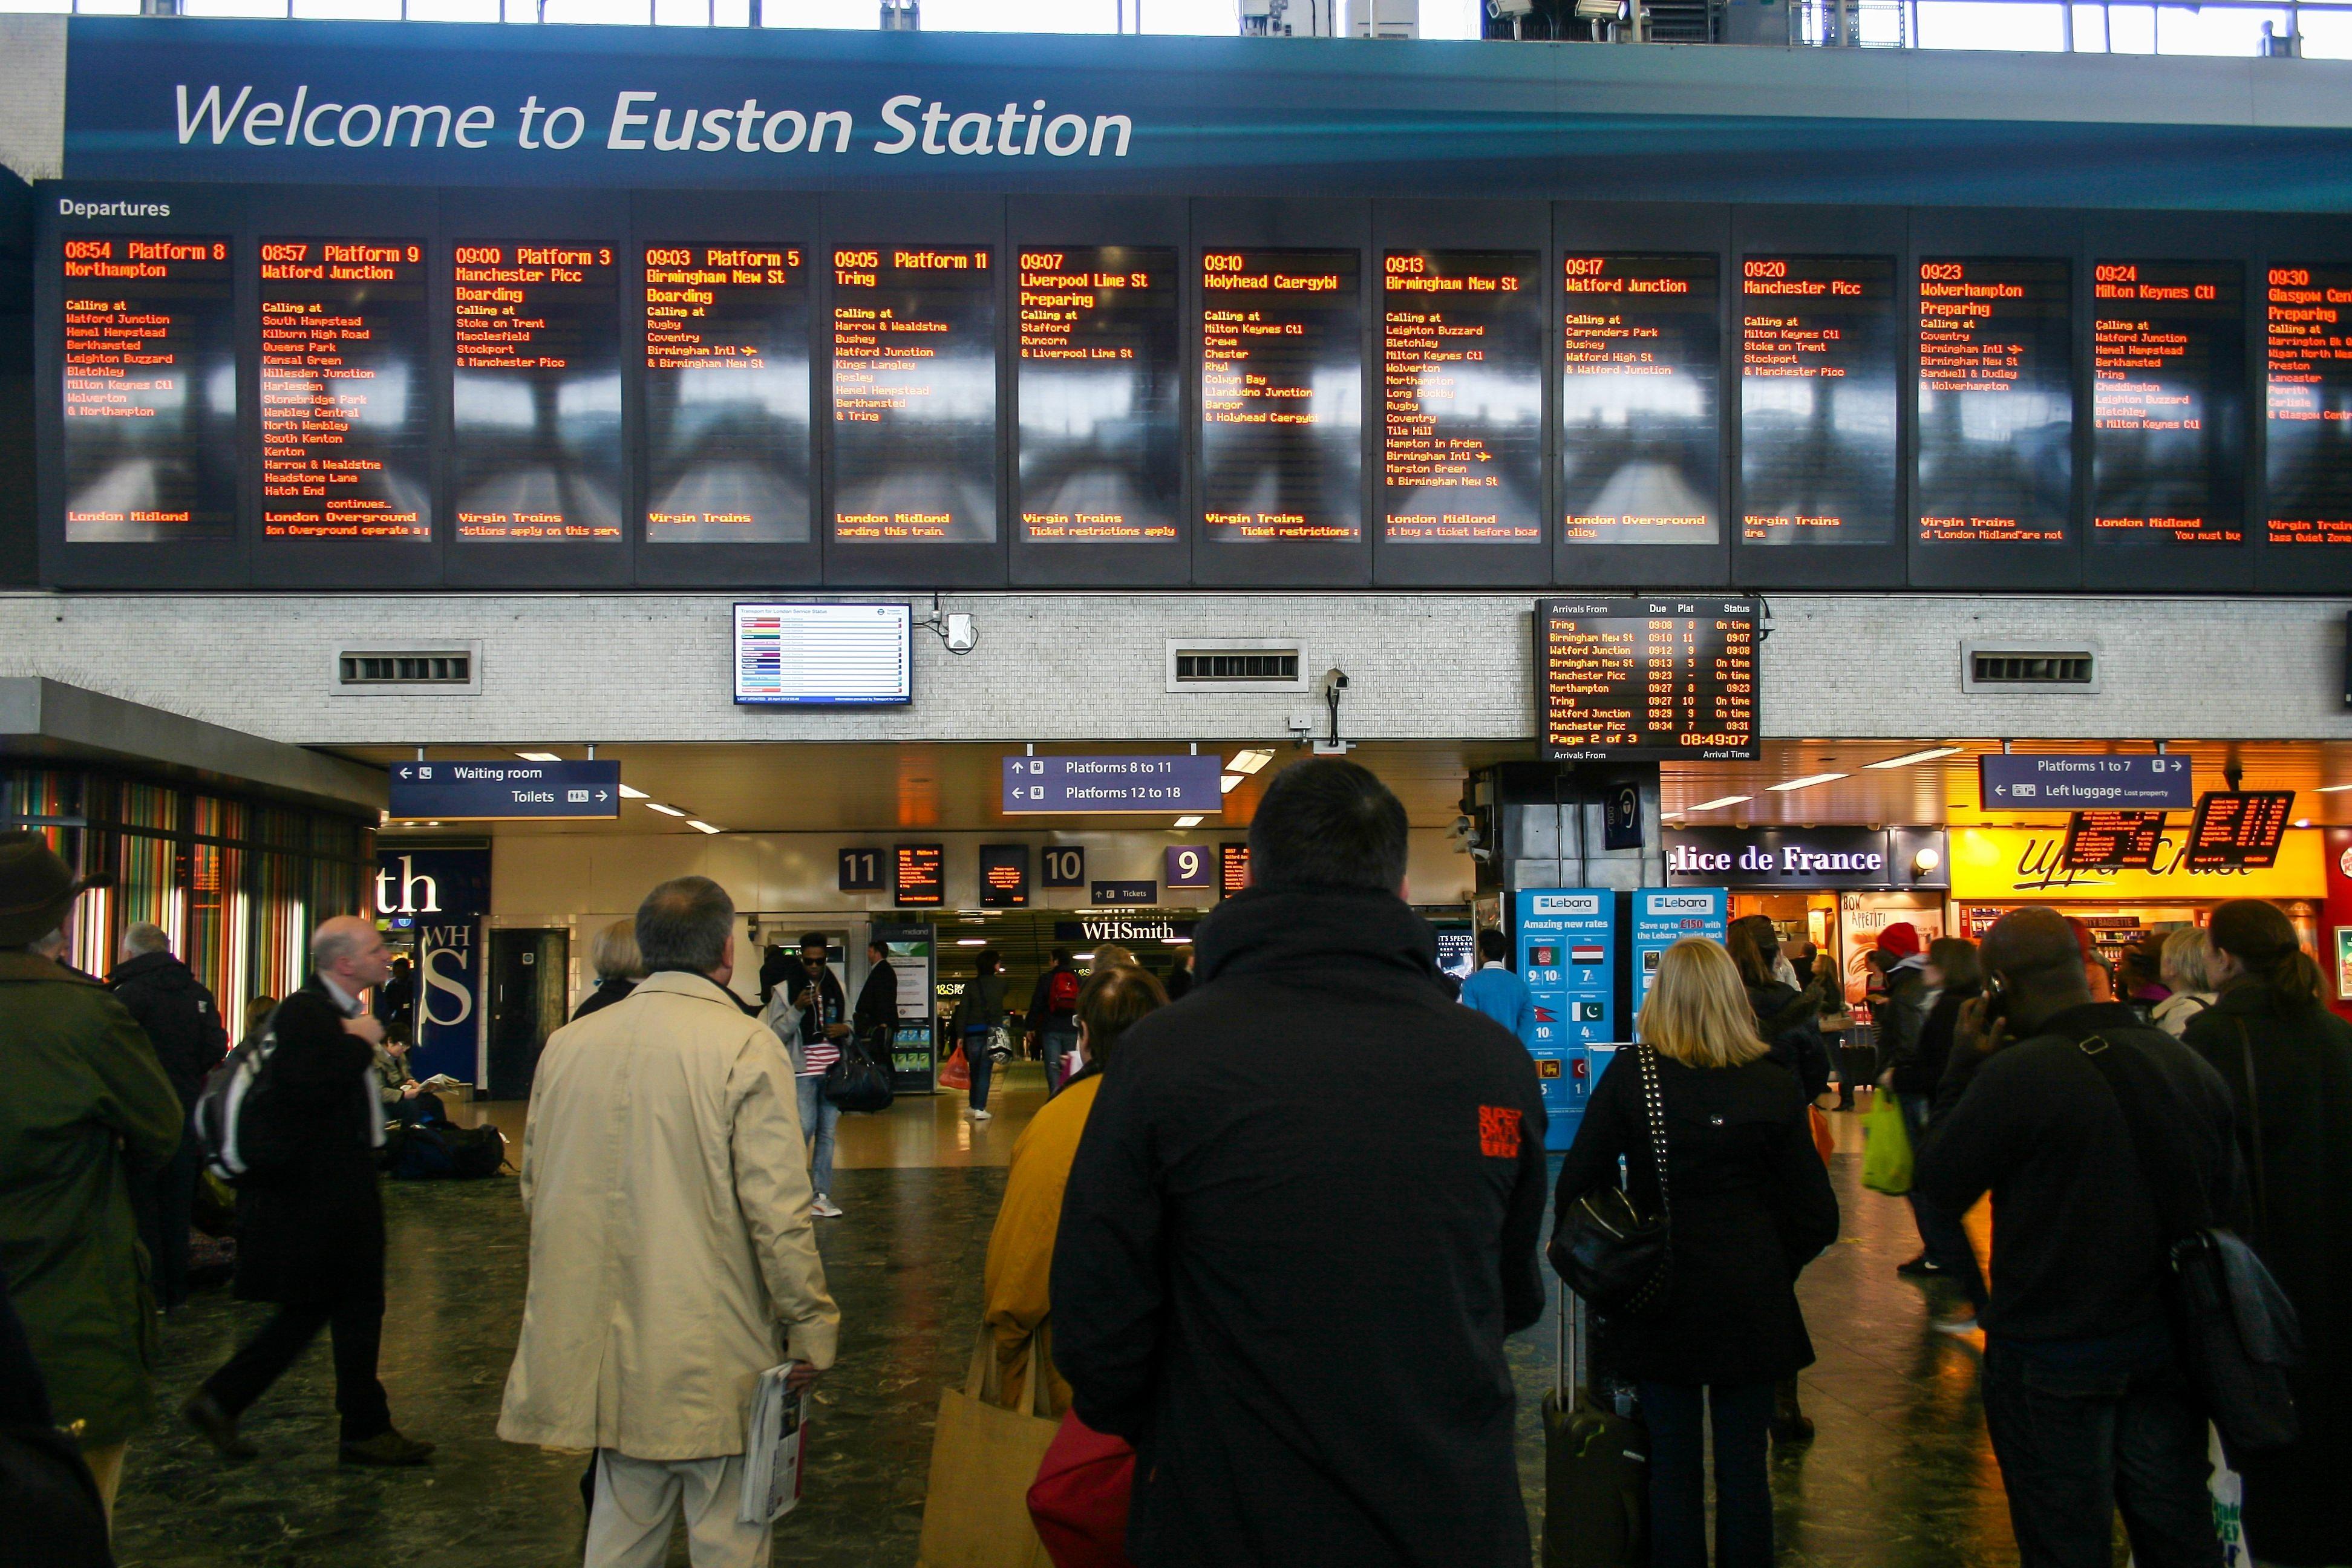 HS2 preparation work to take place at Euston station - Rail UK